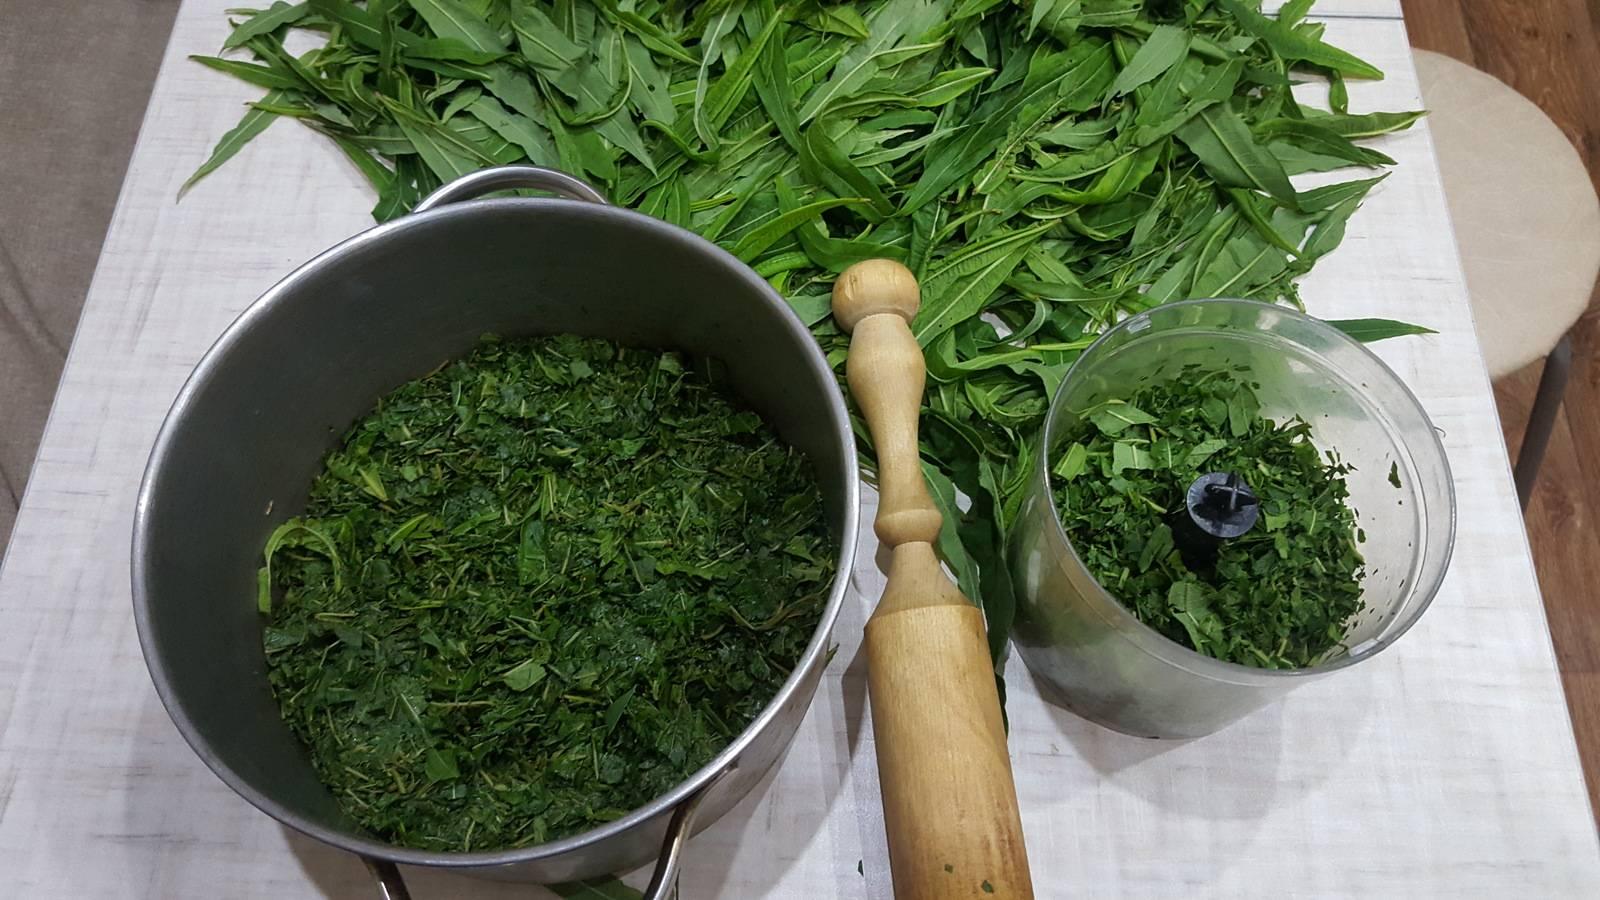 Как собирать и правильно сушить иван-чай в домашних условиях: технология процесса ферментации